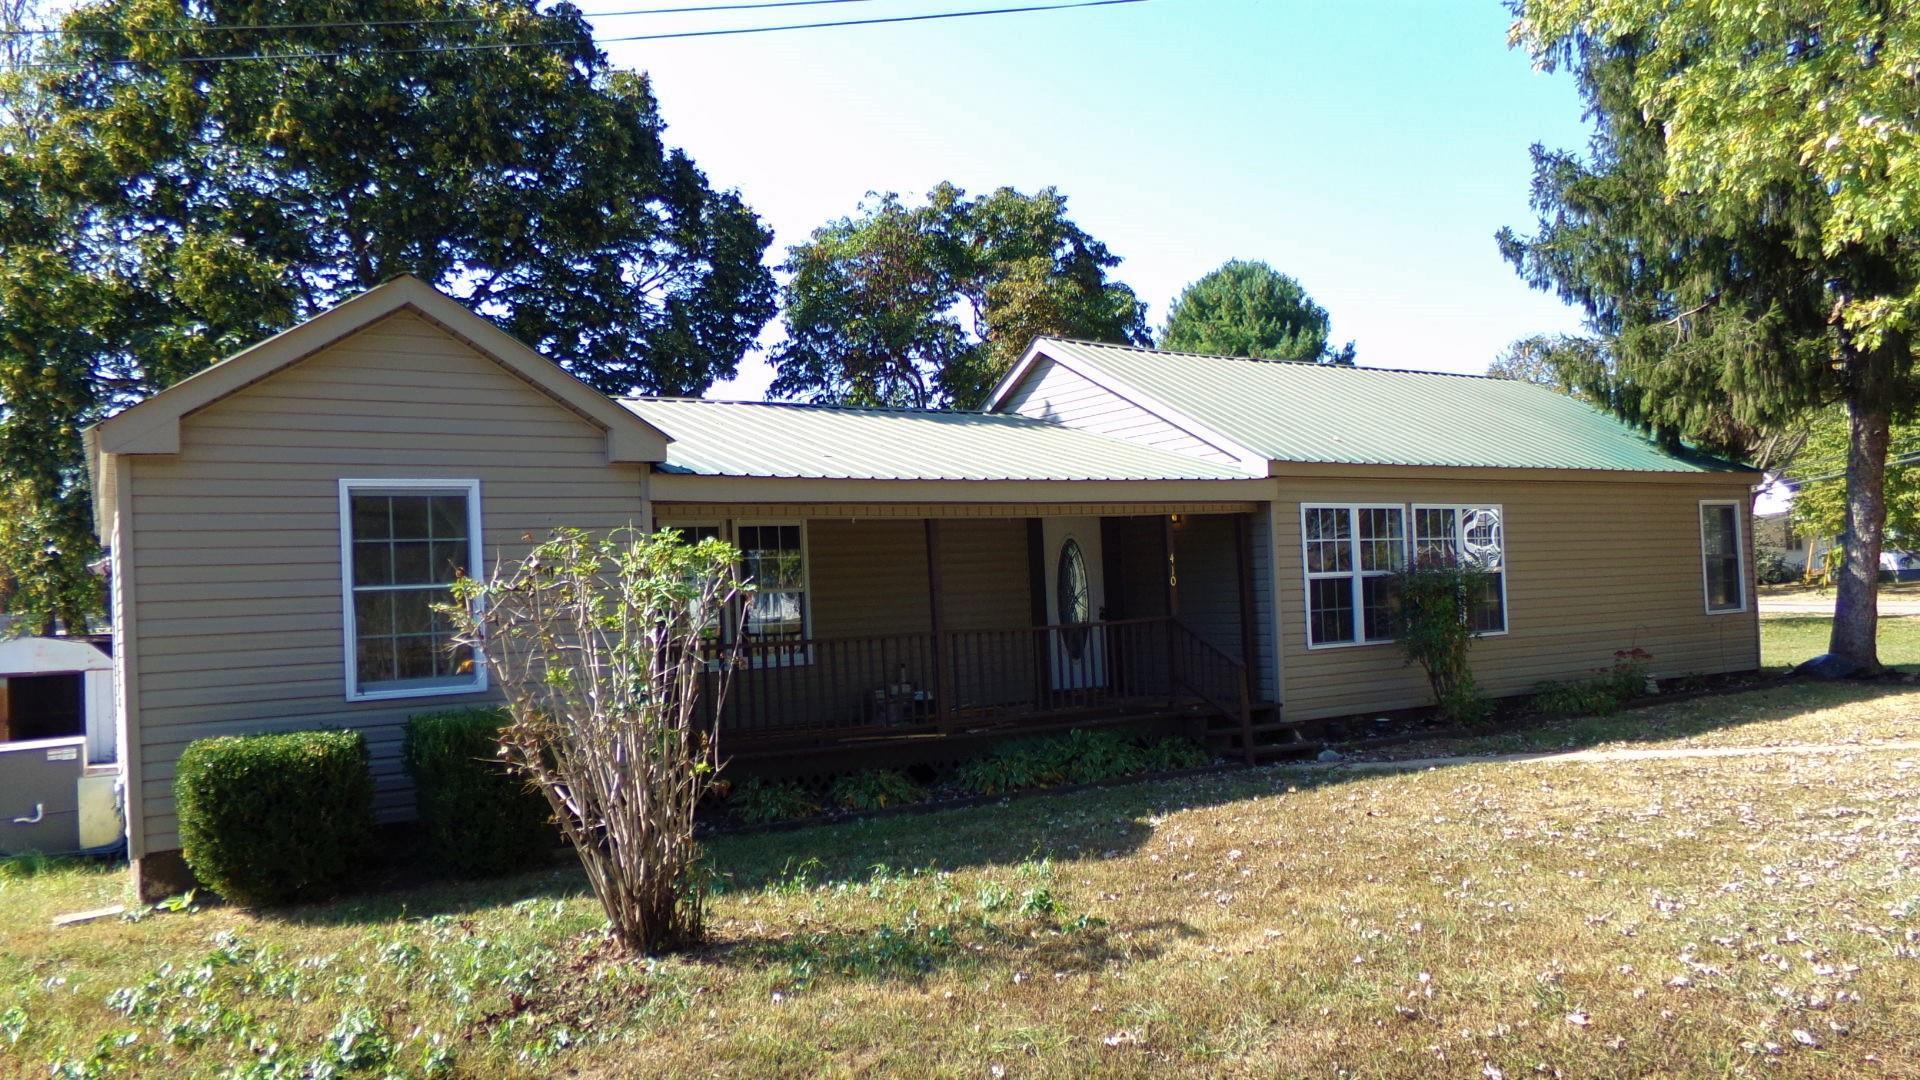 410 Cowan St, E, Cowan, TN 37318 - Cowan, TN real estate listing